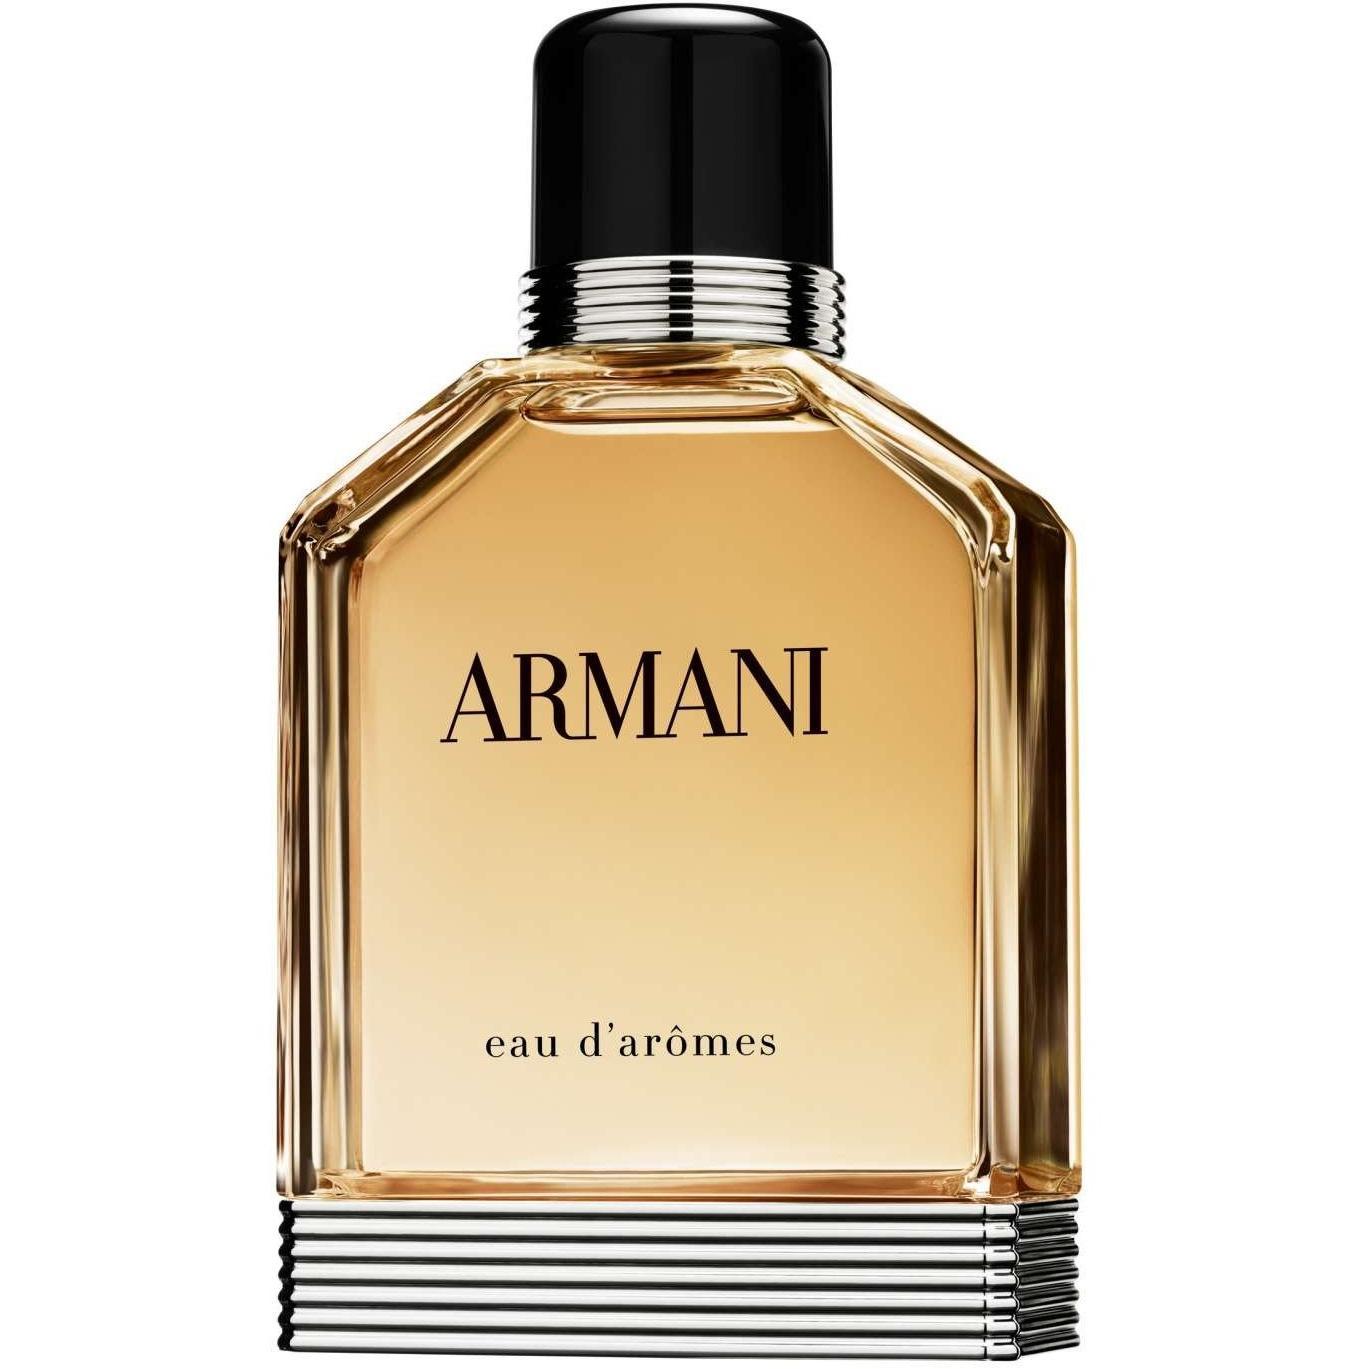 Giorgio Armani Eau DAromes Men's Cologne